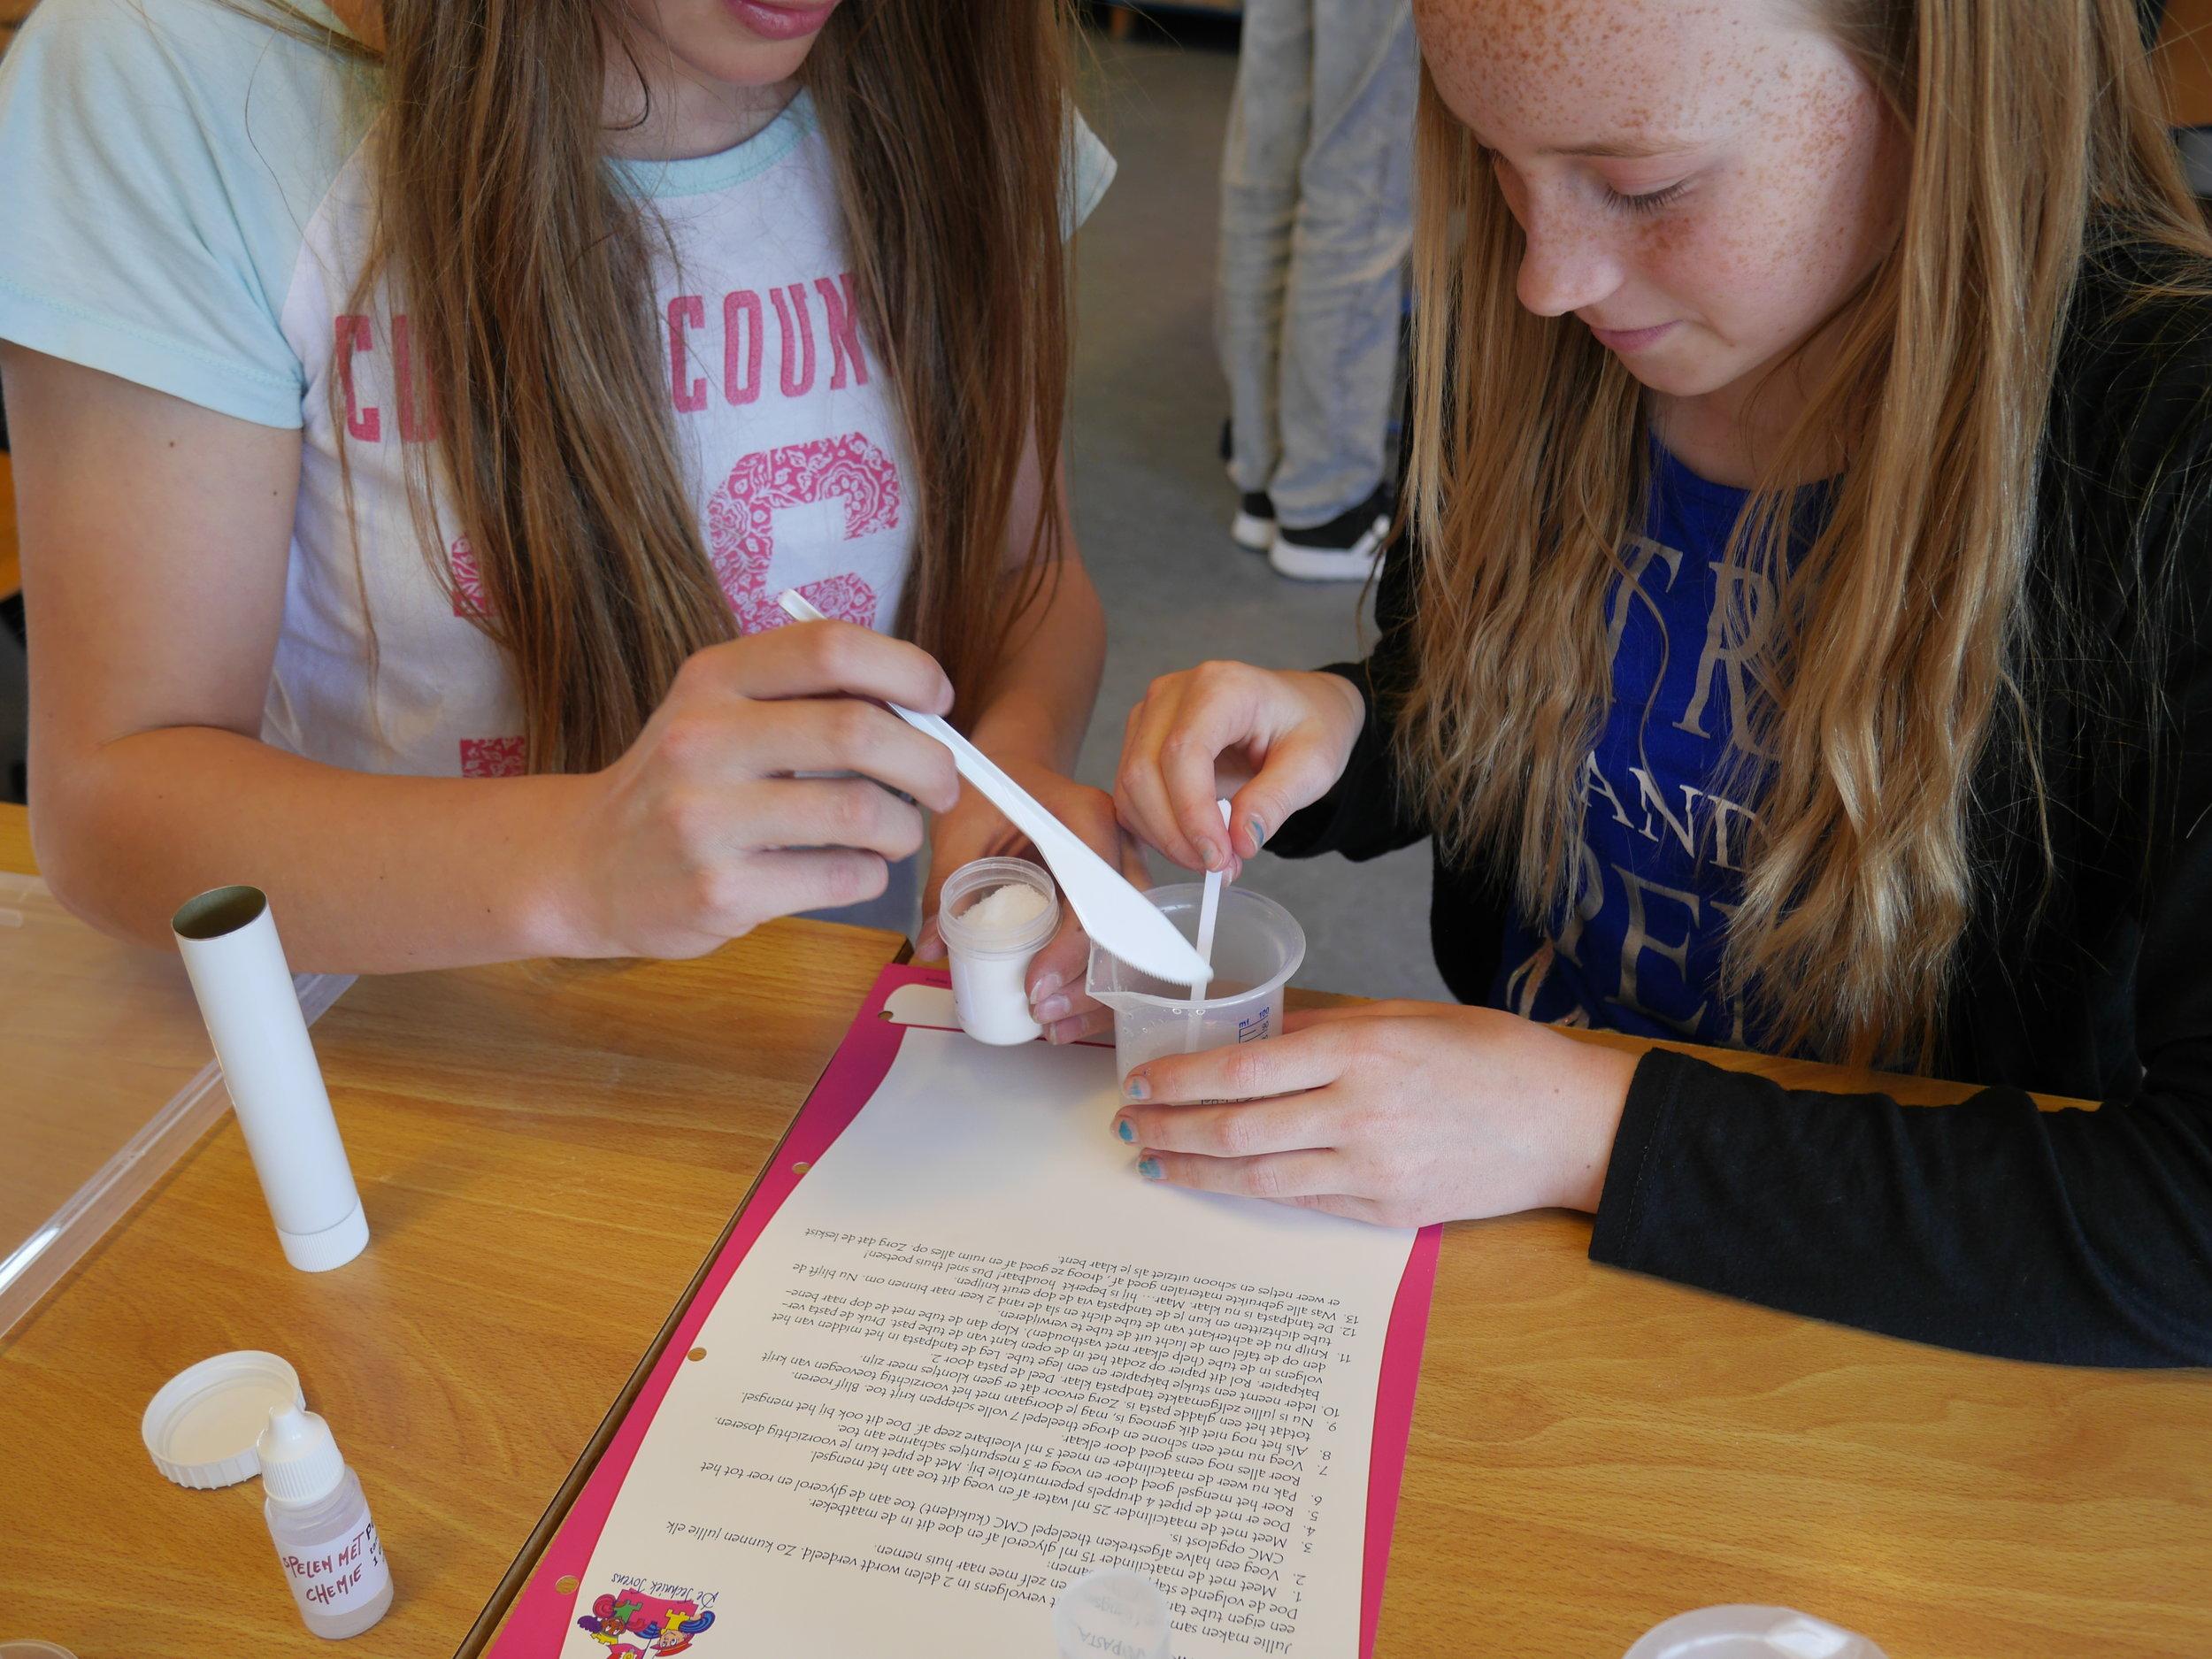 twee meiden mengen roeren tandpasta copy.JPG